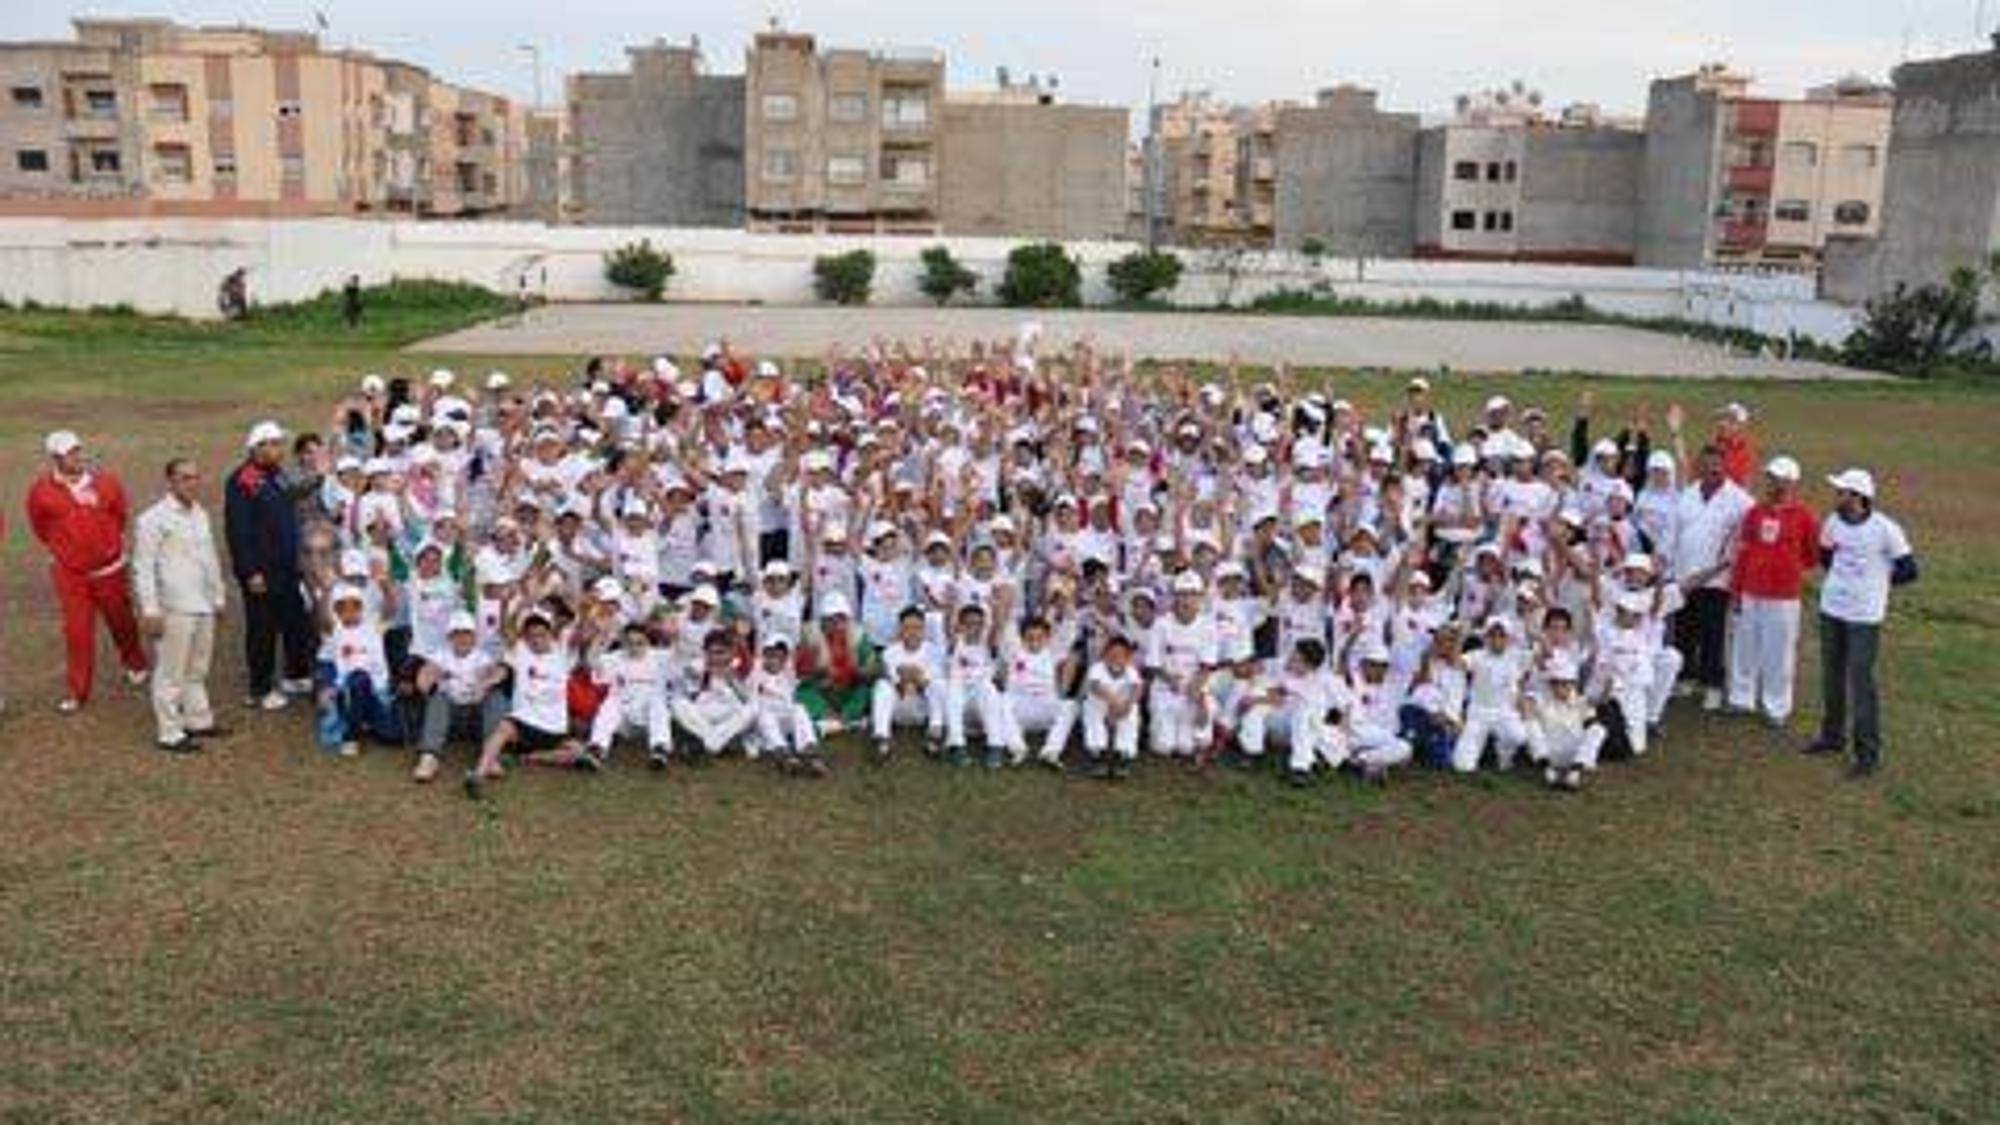 9383 Morocco School cricket_image3